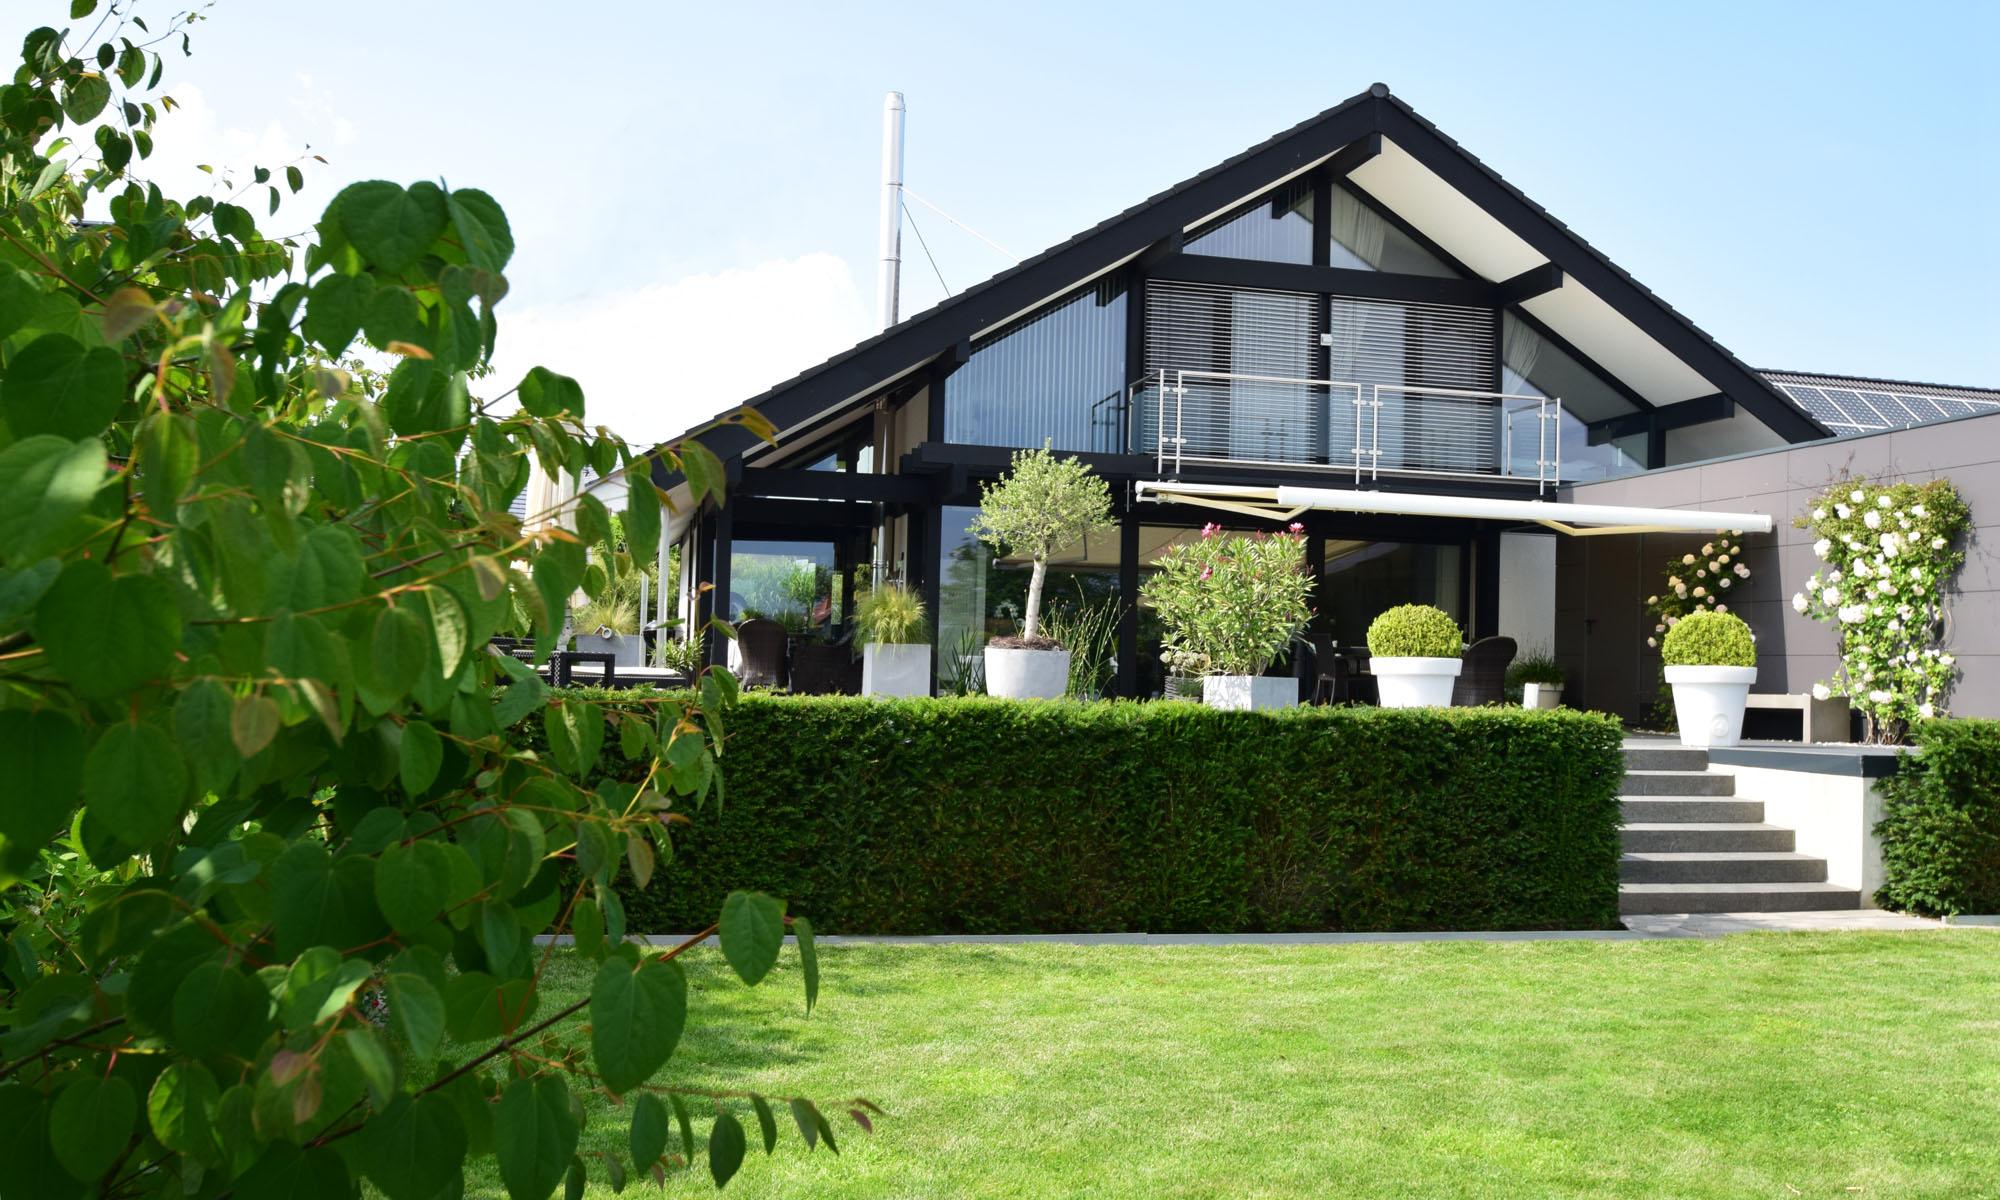 Da Vinci Haus Gartenansicht